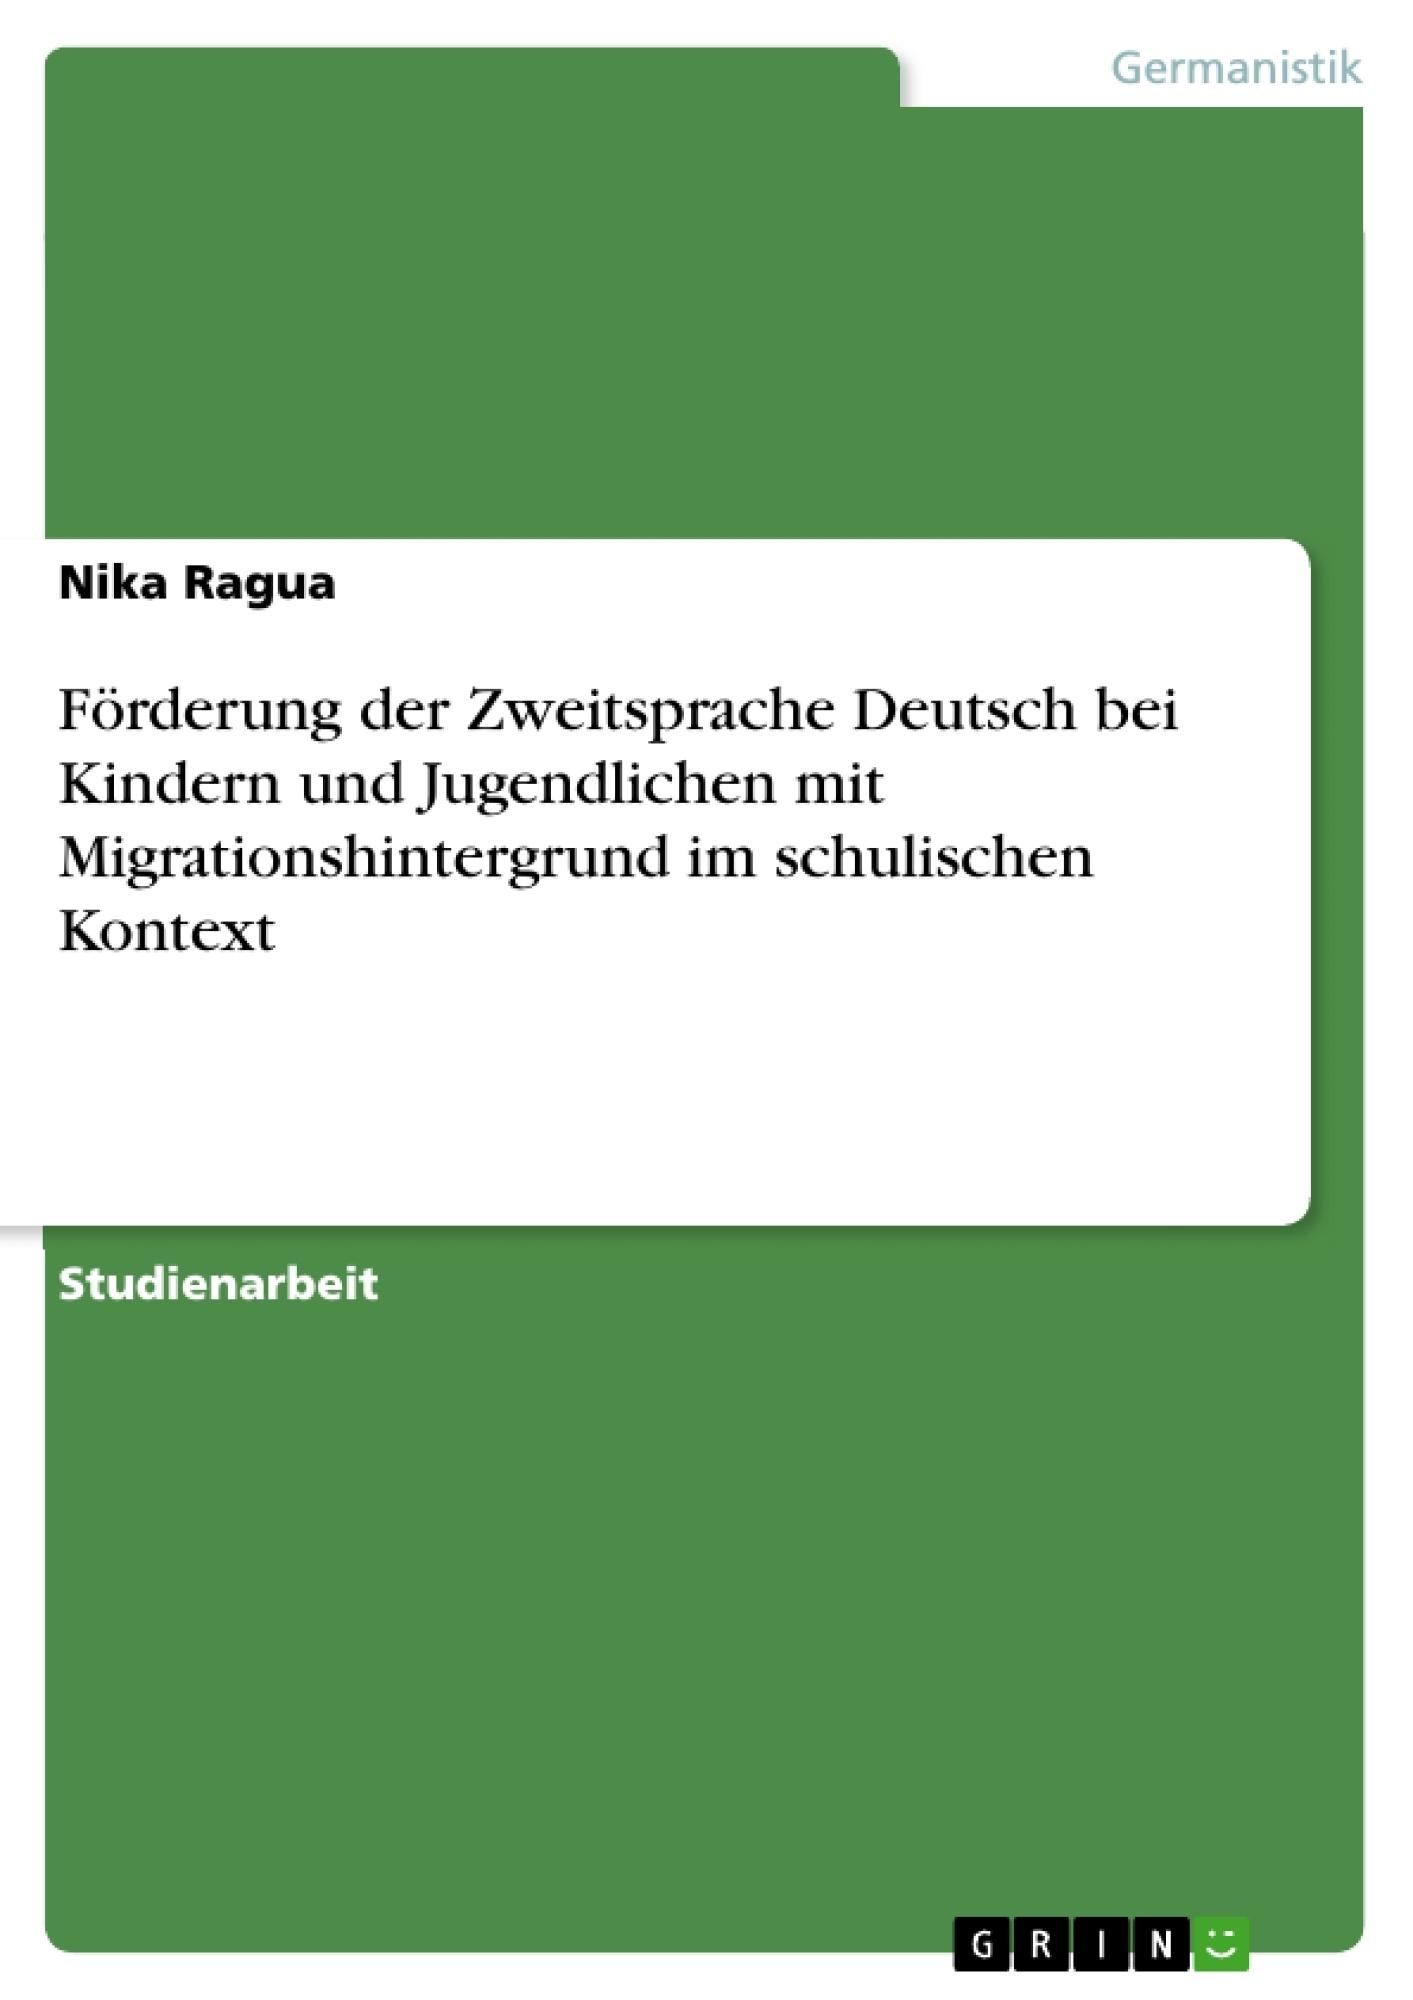 Titel: Förderung der Zweitsprache Deutsch bei Kindern und Jugendlichen mit Migrationshintergrund im schulischen Kontext